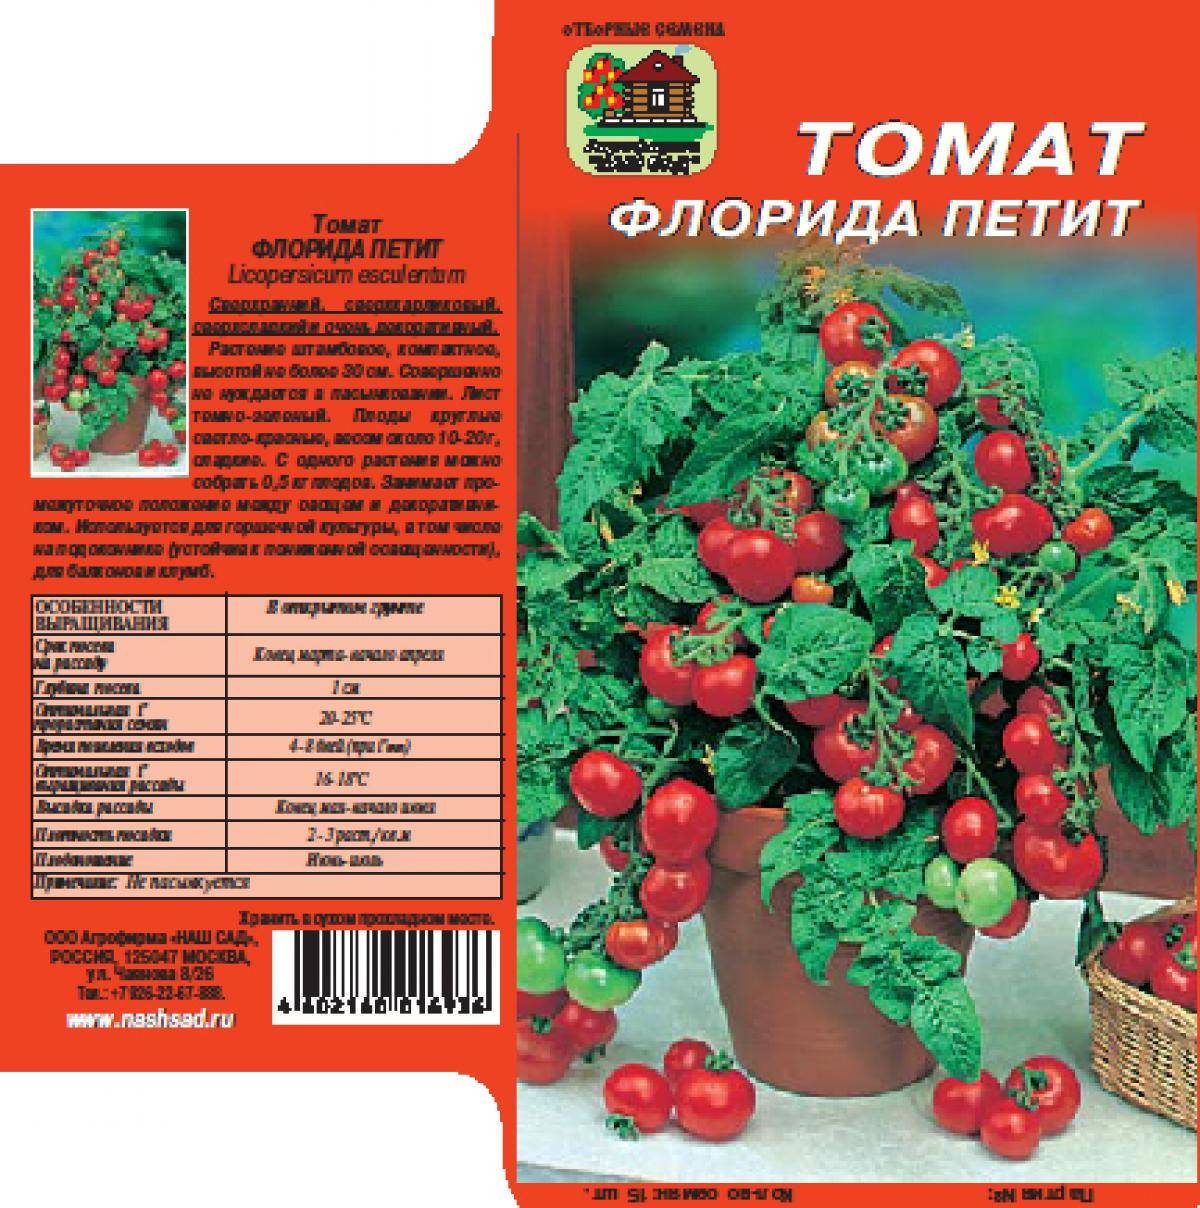 Томат корнабель: отзывы, фото, урожайность, характеристика и описание | tomatland.ru